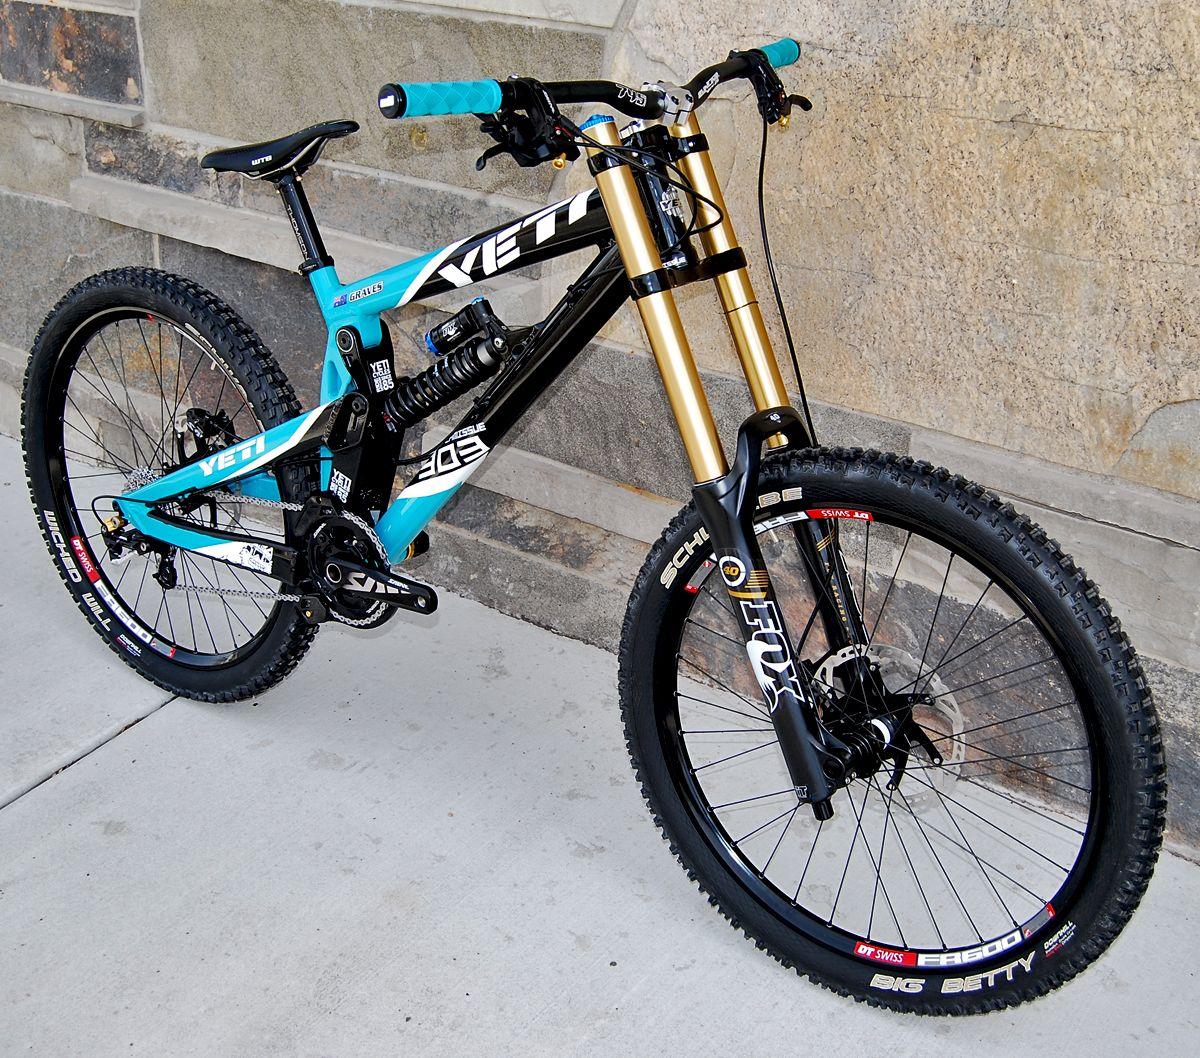 626c63a43f7 yeti bikes - Google Search   Cool bikes   Downhill bike, Mountian ...